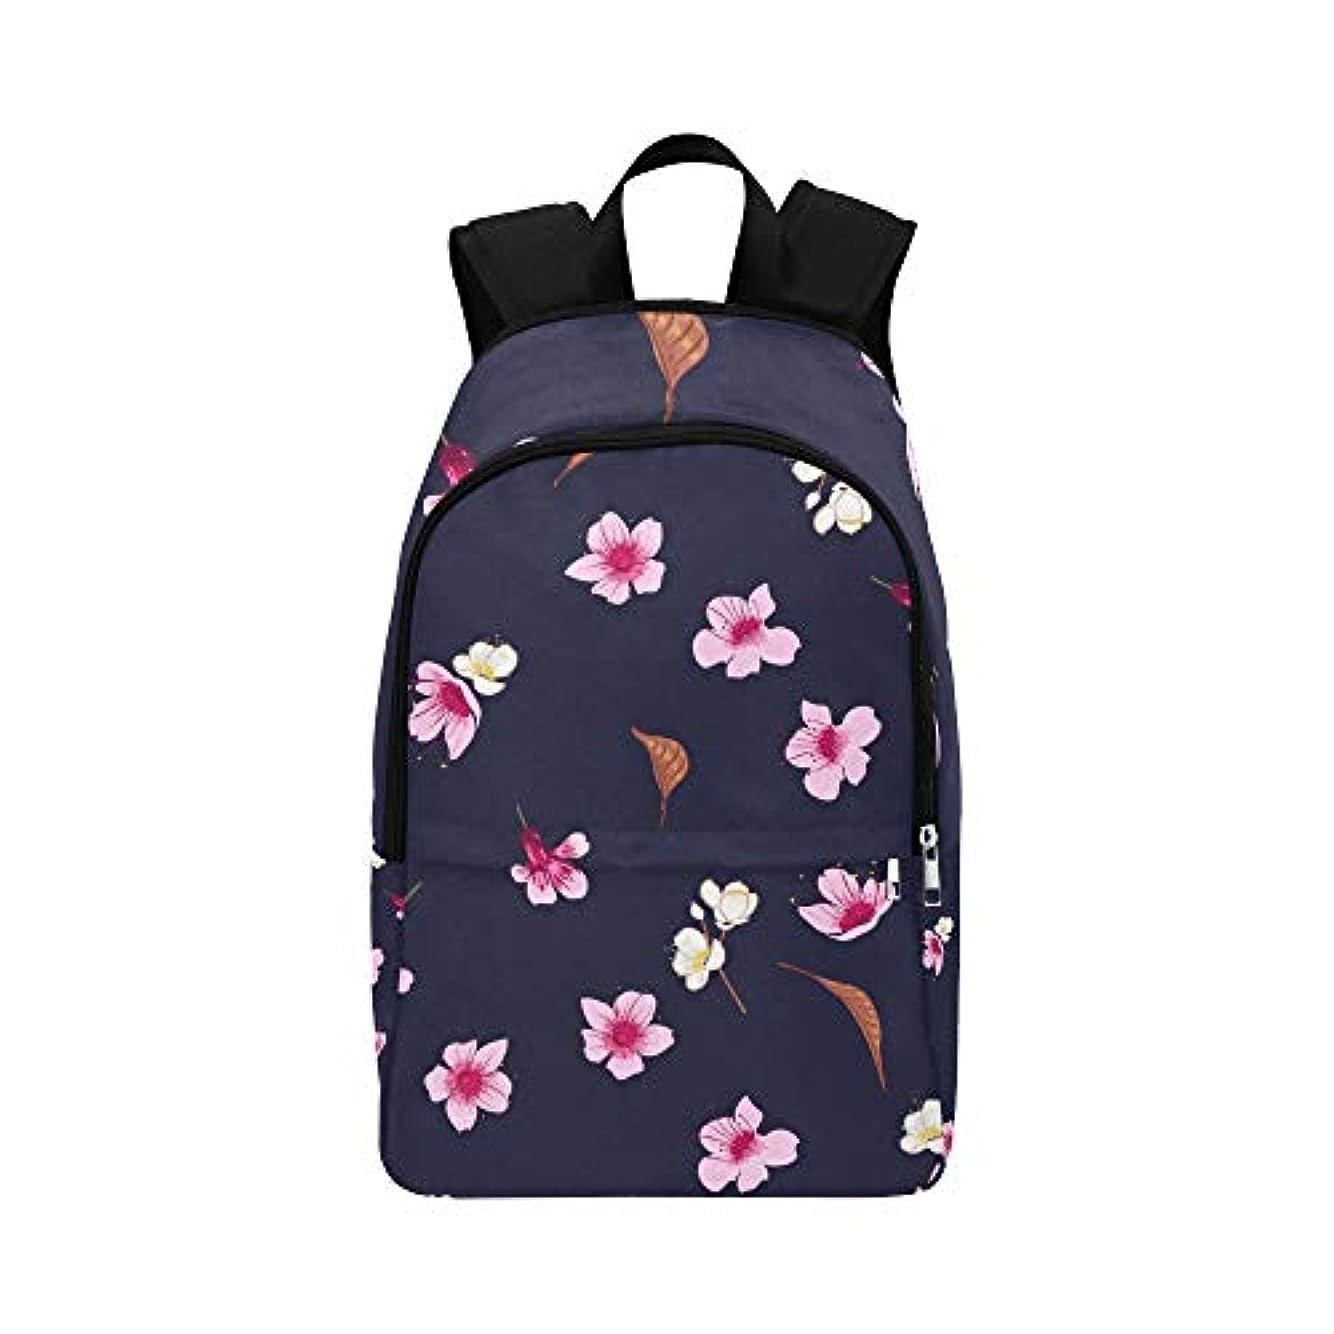 憂鬱な幅ポルノGGSXD バックパック 美しい桜 大容量 軽量 撥水加工 防水 ビジネスリュック メンズ 男女兼用 通勤 通学 出張 旅行 ラップトップ Pcバッグ アウトドア